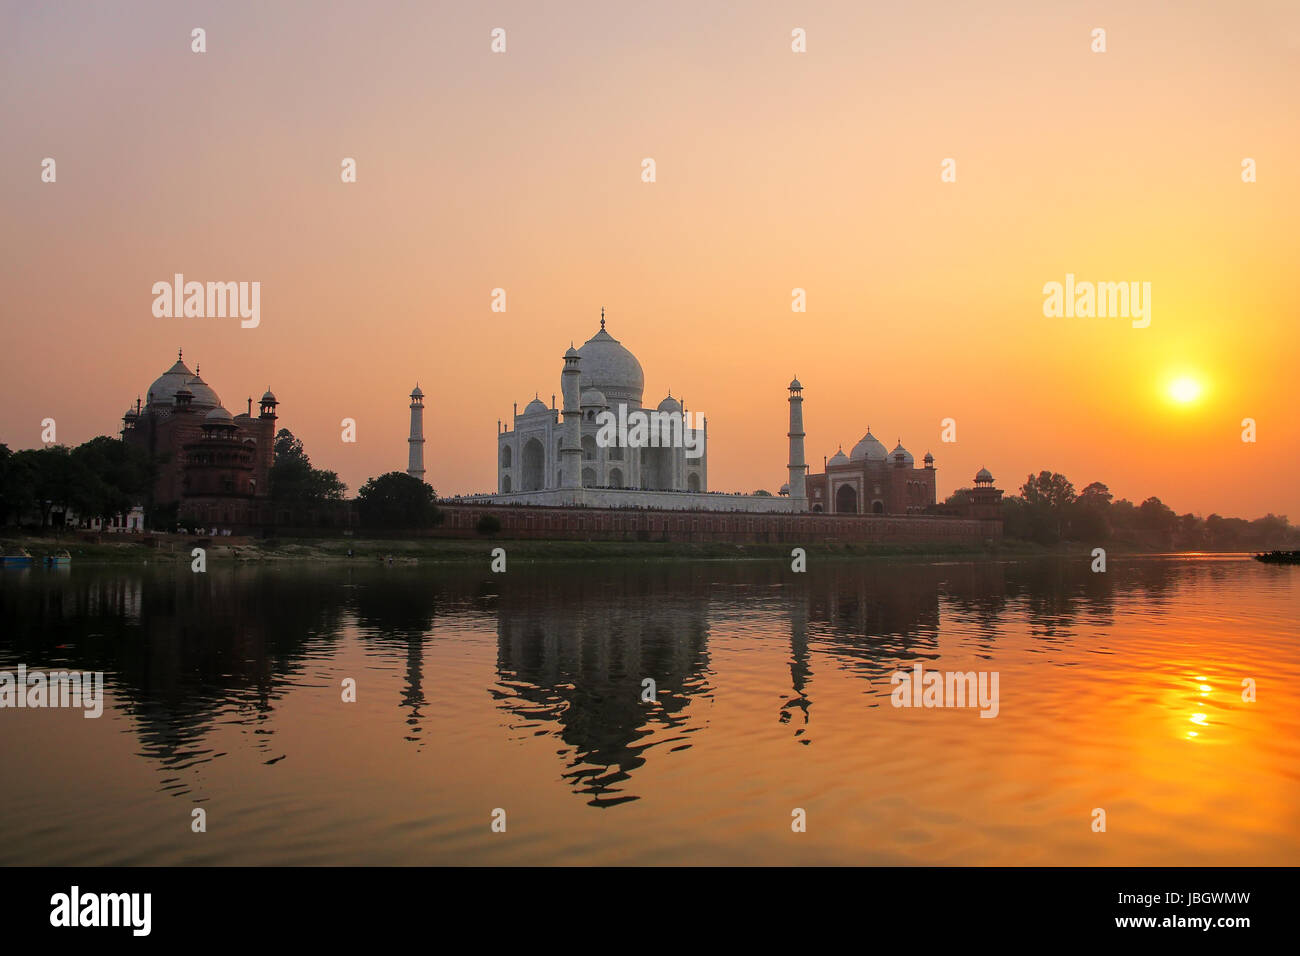 El Taj Mahal reflejado en el río Yamuna al atardecer en Agra, India. Fue encargado en 1632 por el Emperador Imagen De Stock